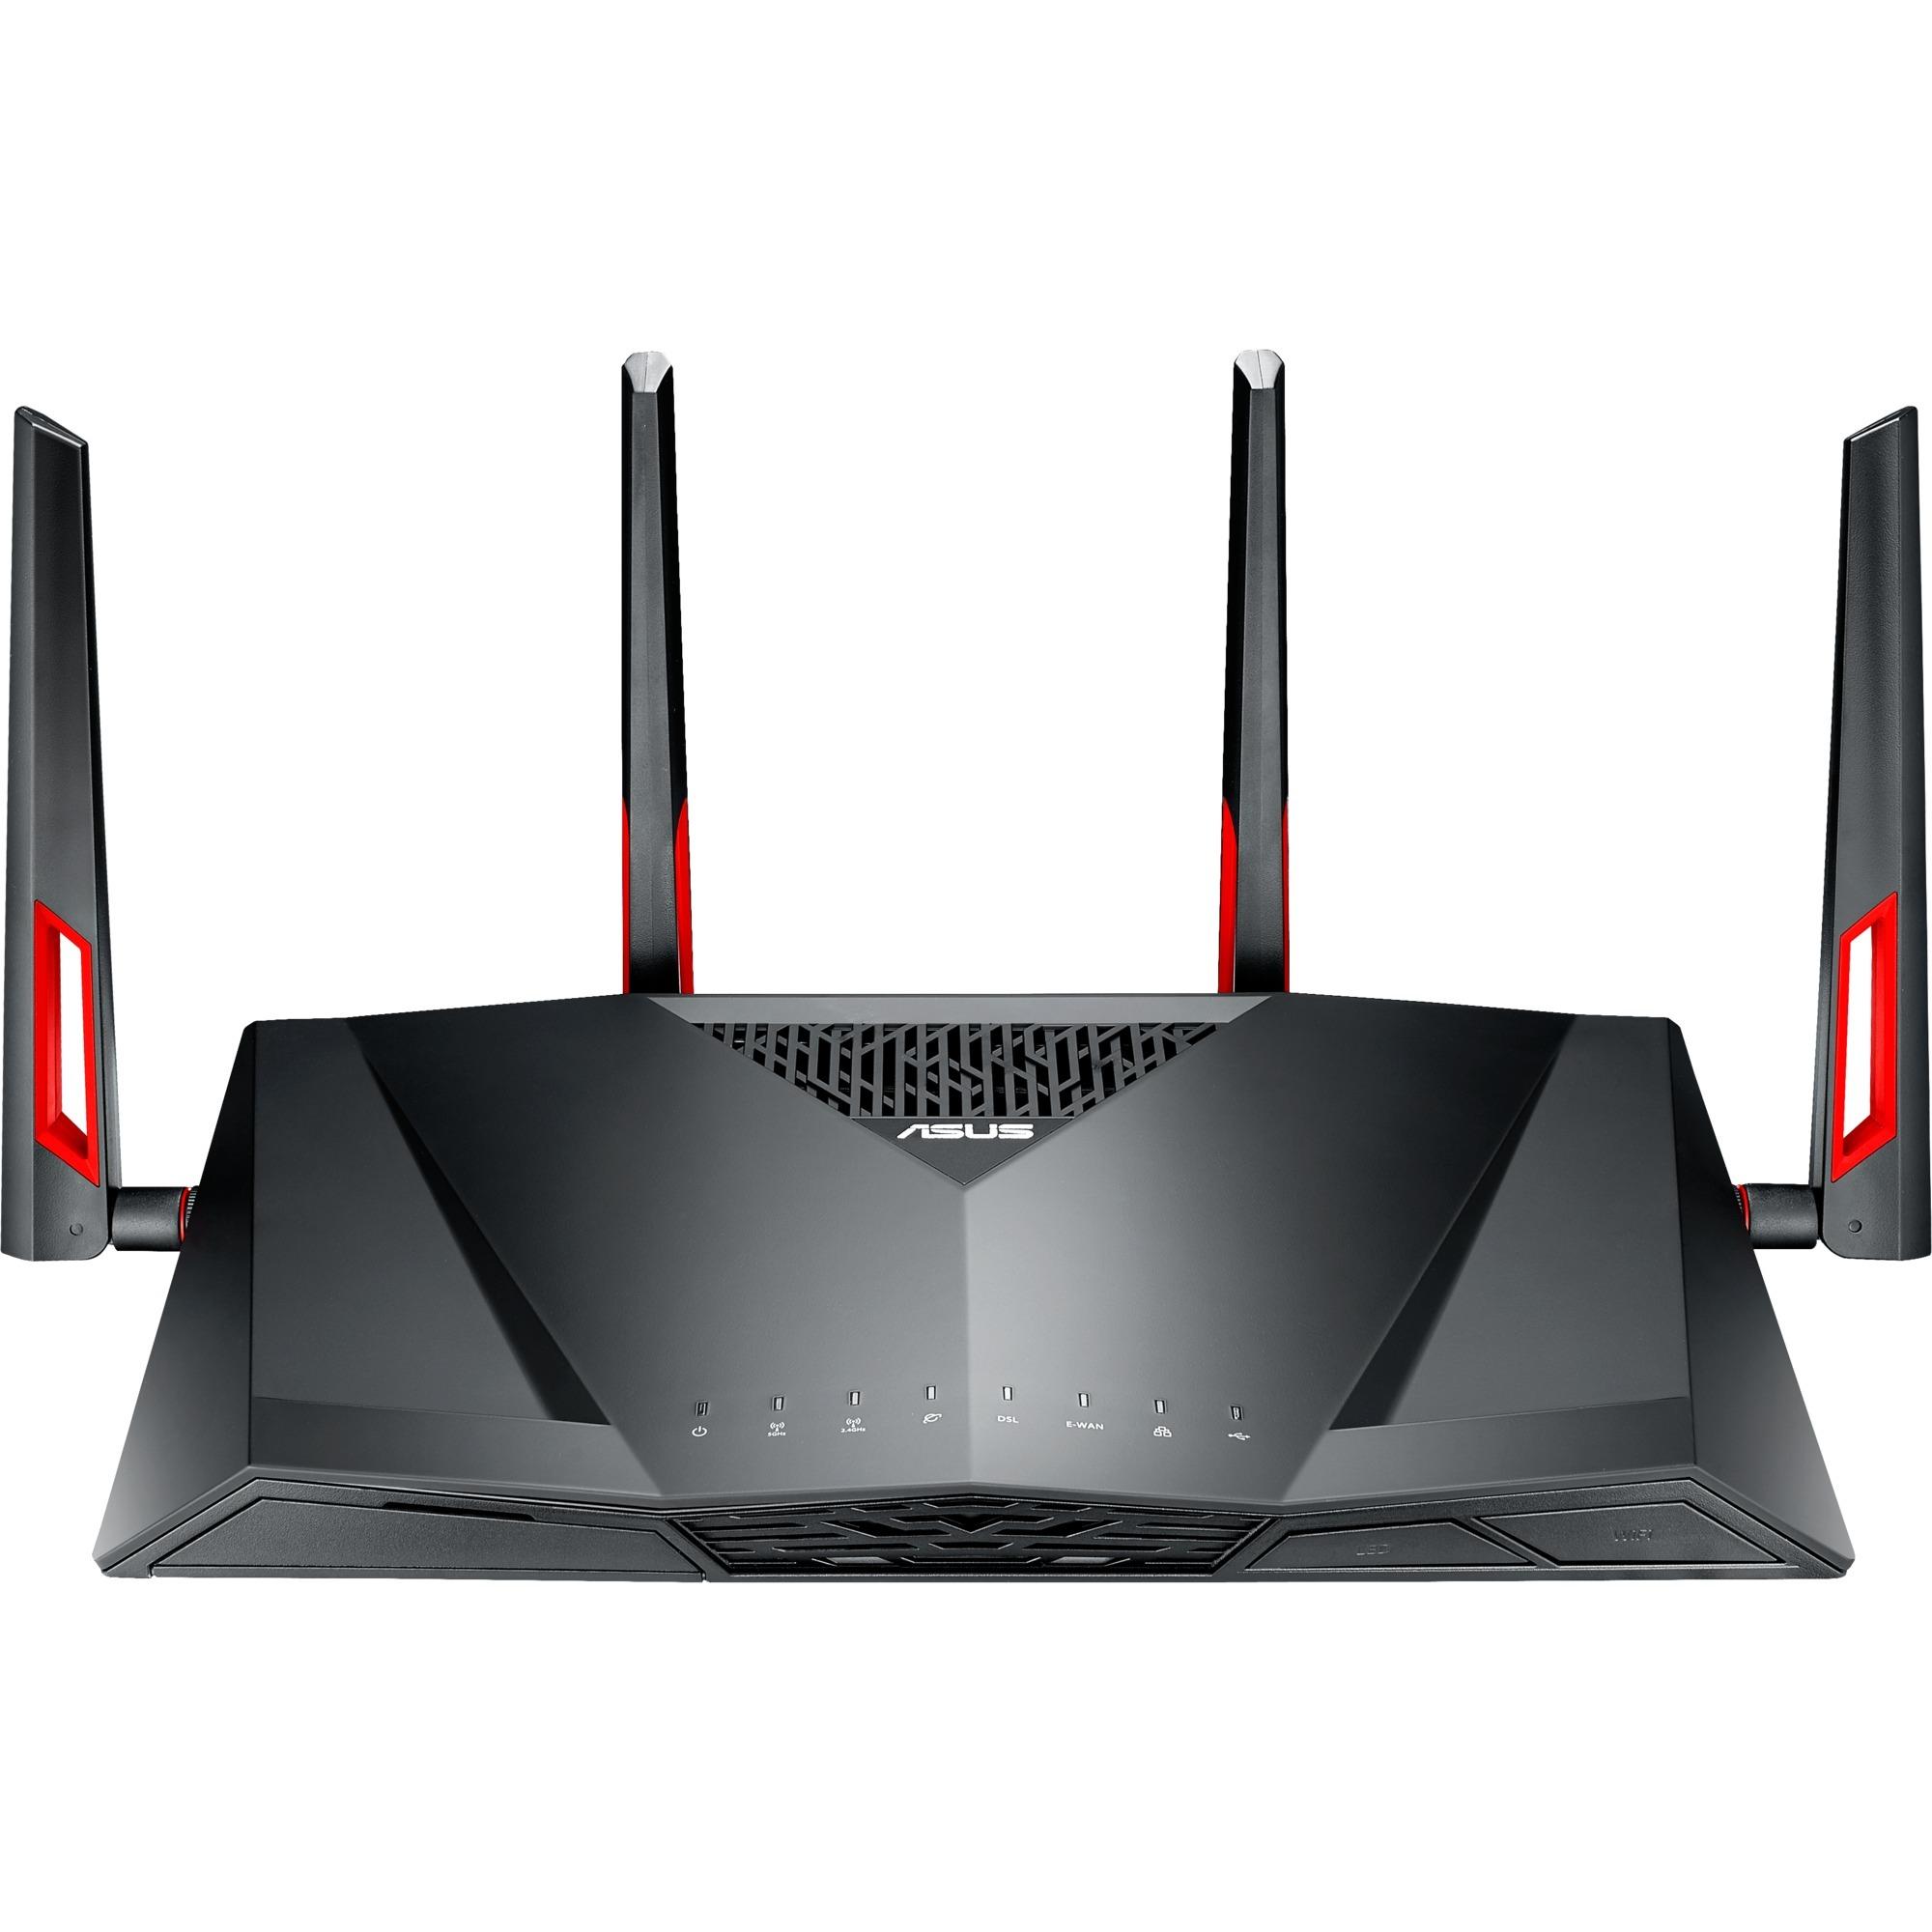 ASUS DSL-AC88U, Router Annex A - Nicht für den Deutschen Markt geeignet